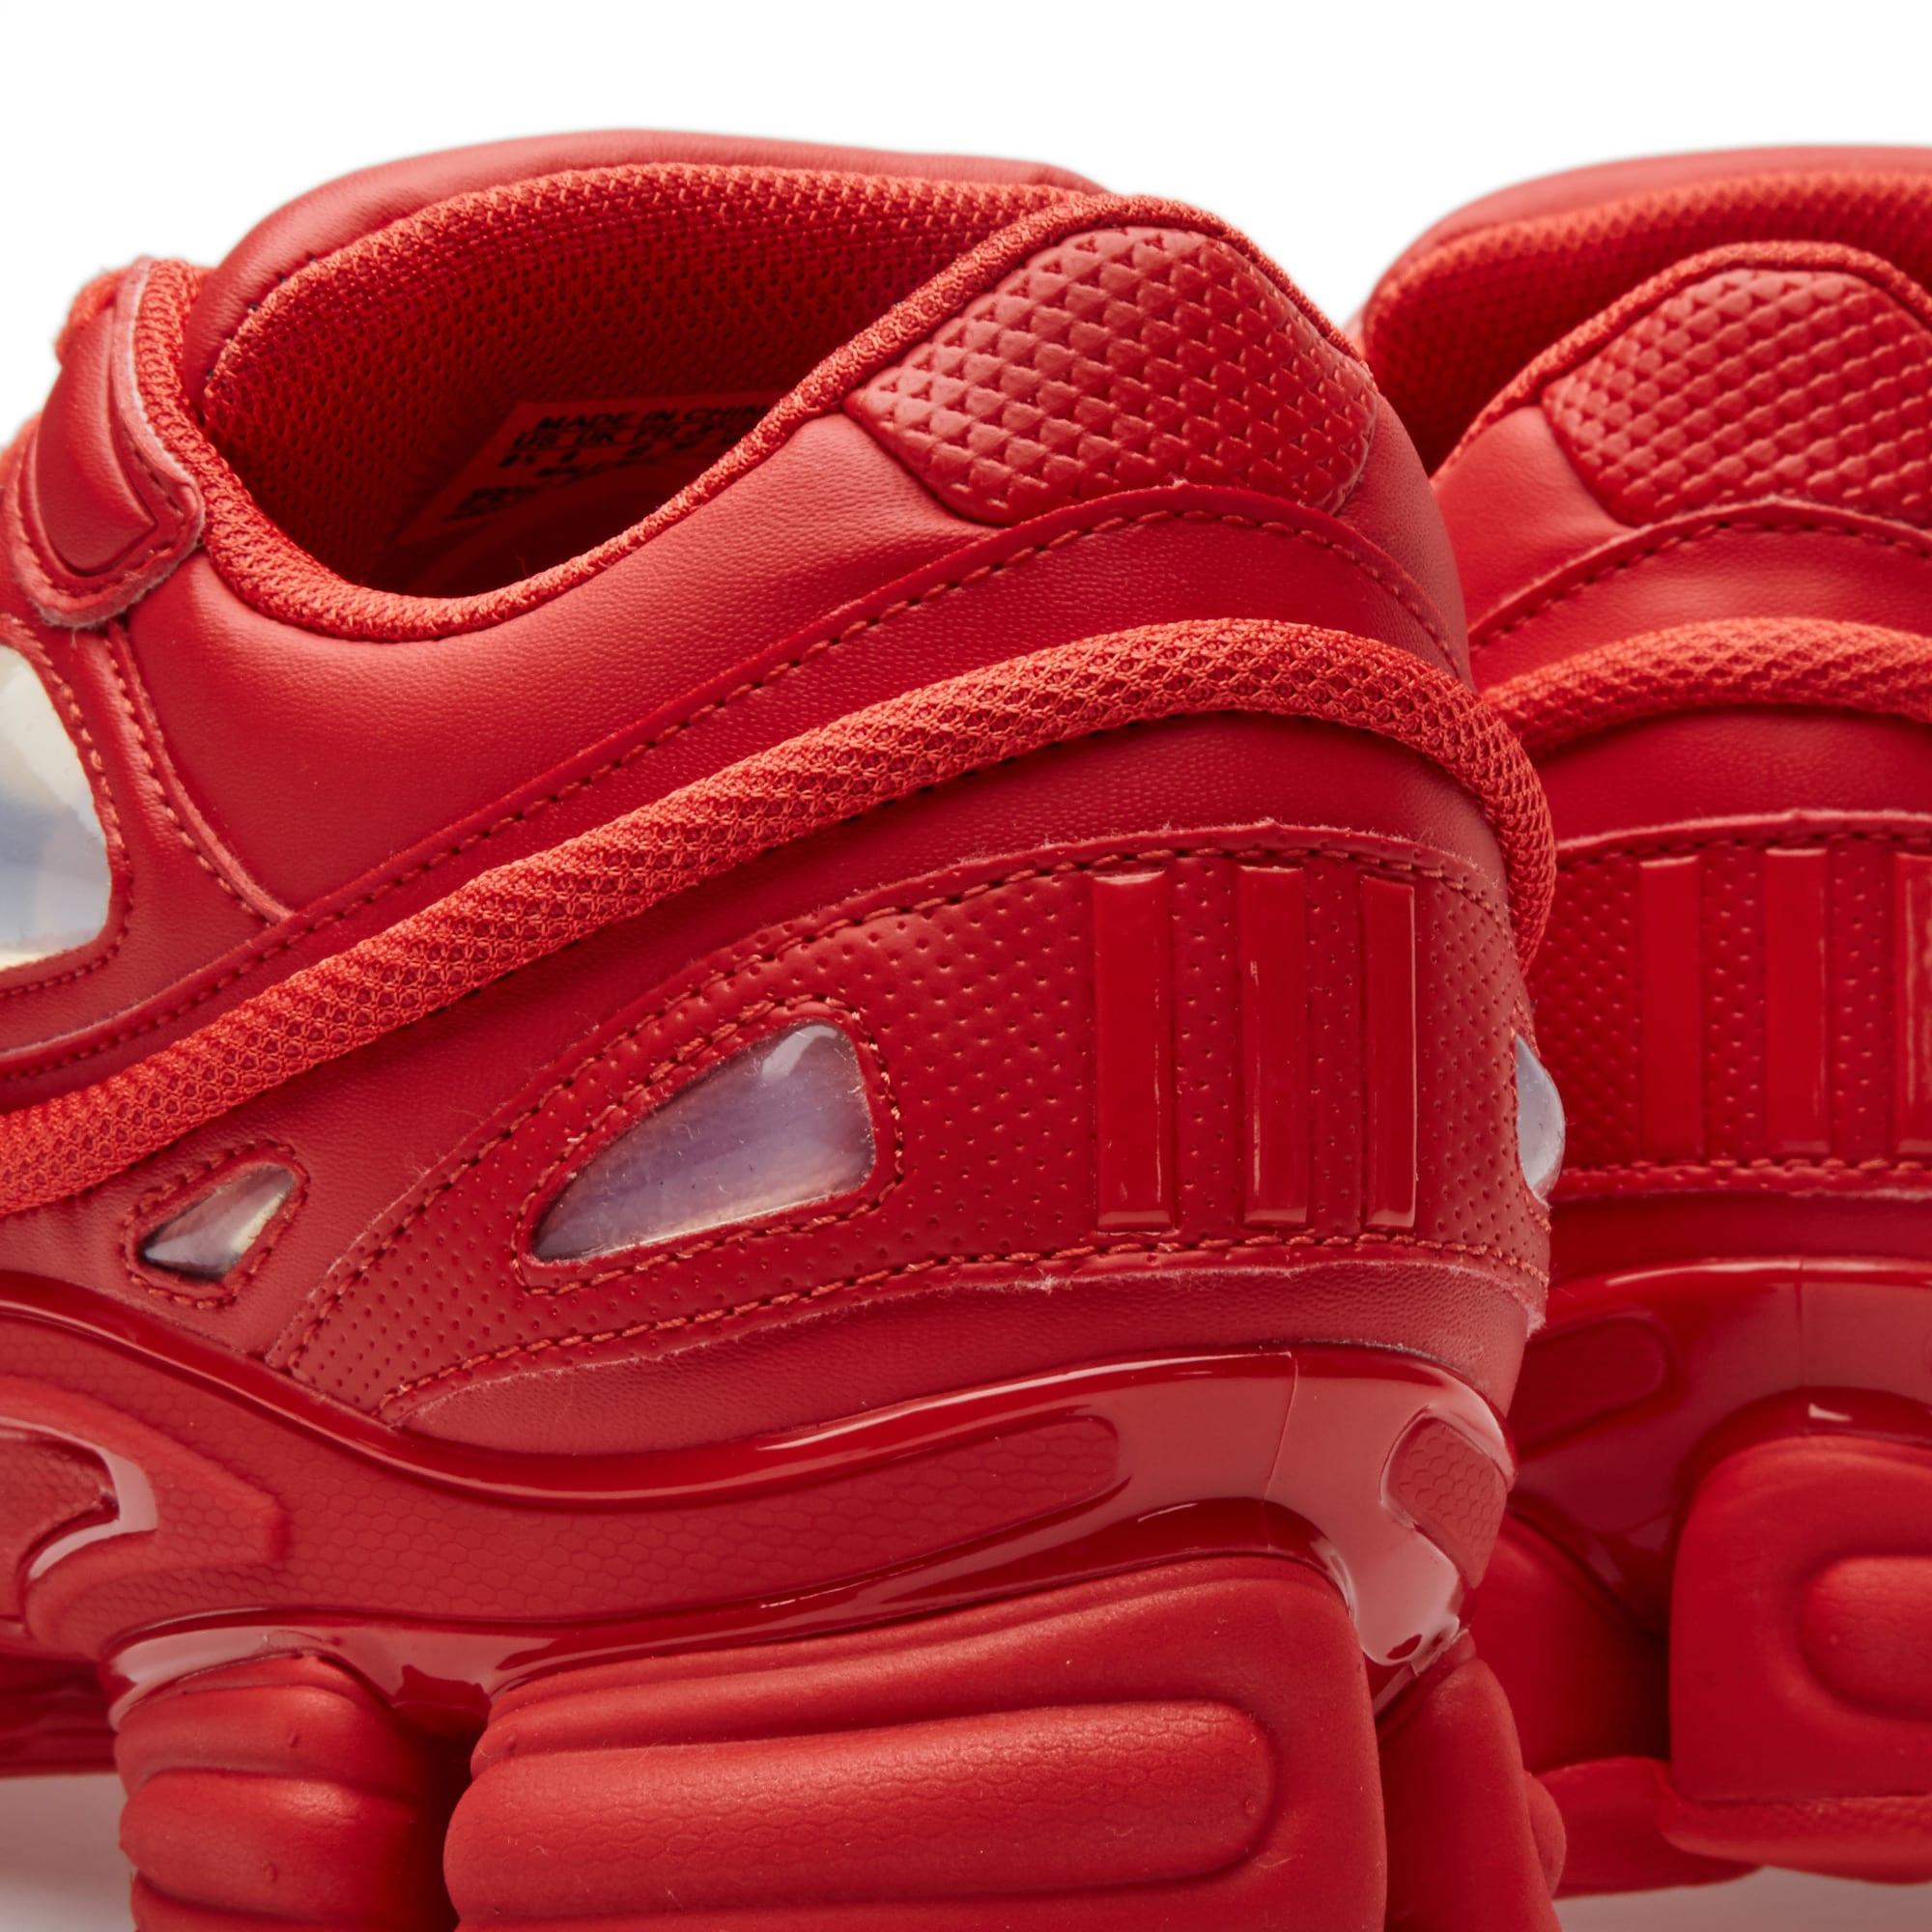 Adidas x Raf Simons Ozweego 2 Red   END.